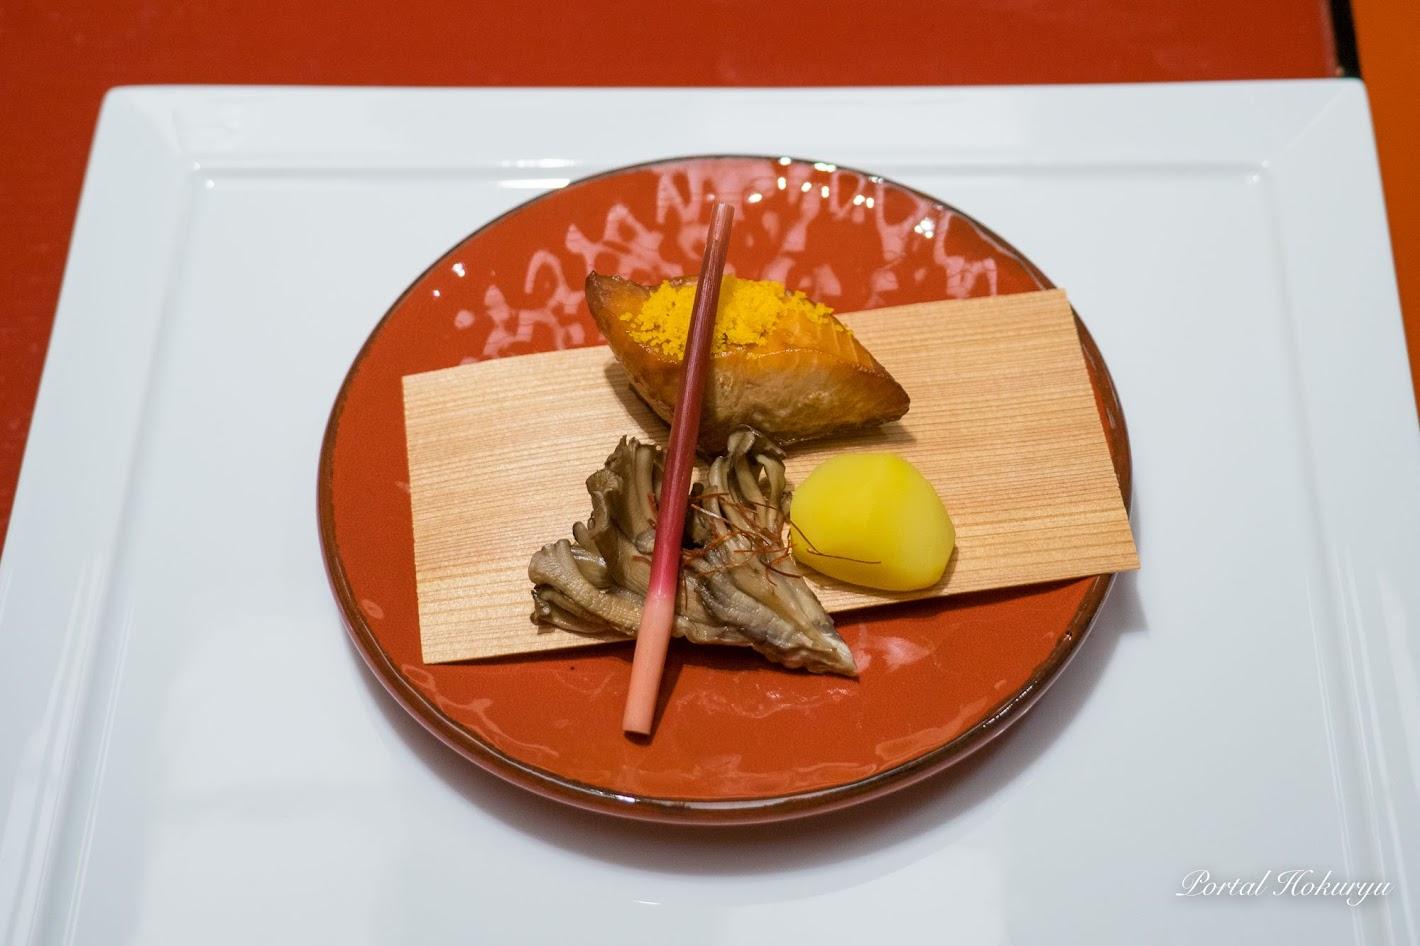 焼物:秋鮭、栗のブランデー漬け、舞茸の漬け焼き